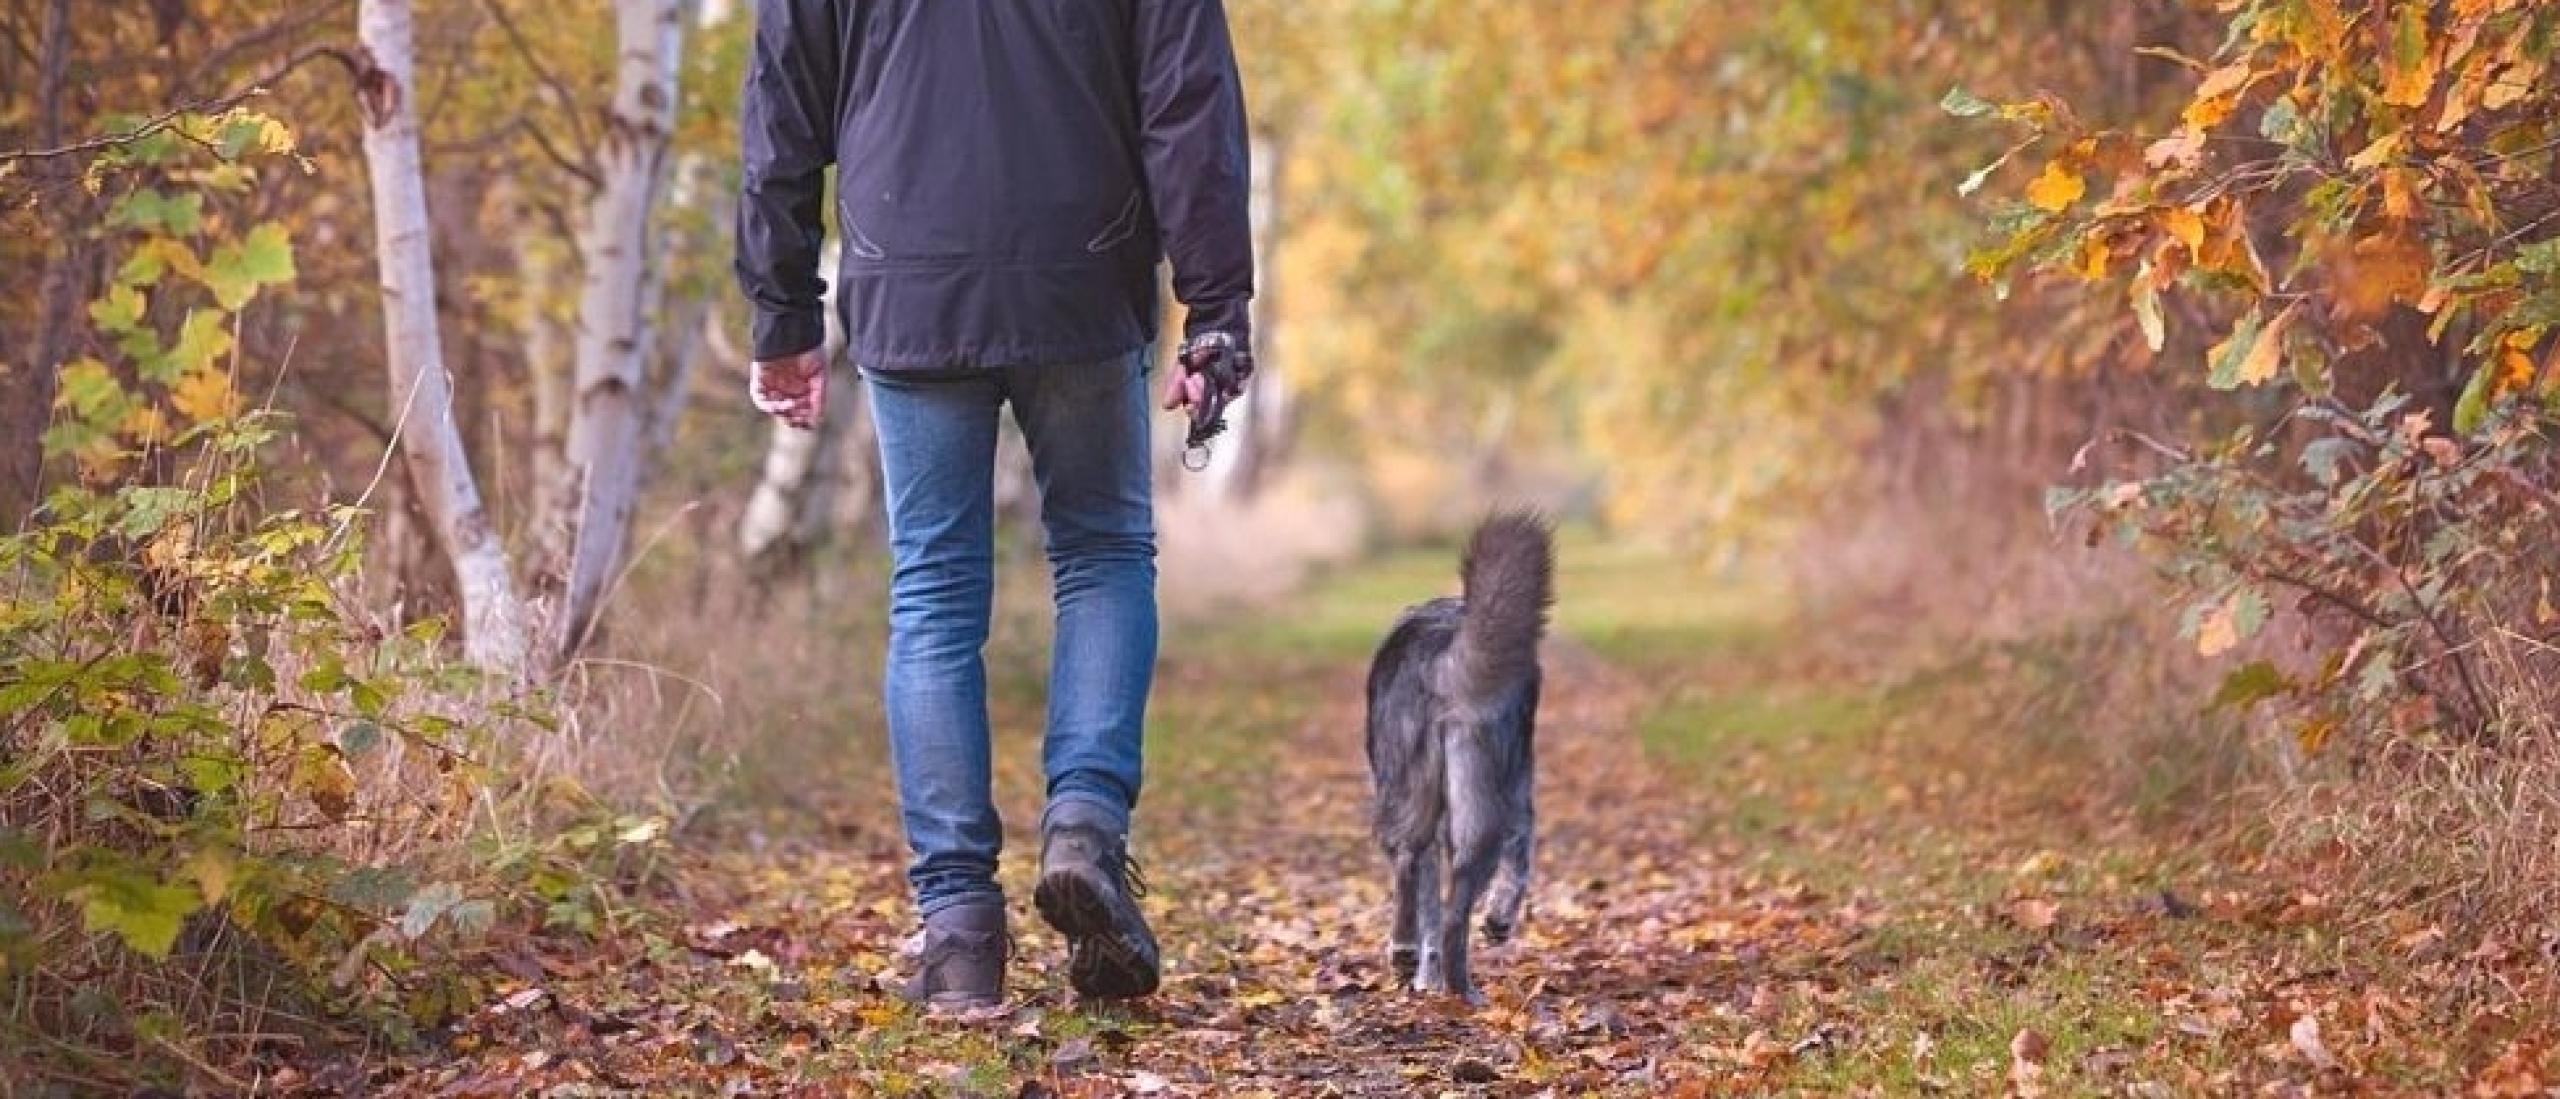 De mooiste honden wandelplekken in Utrecht?